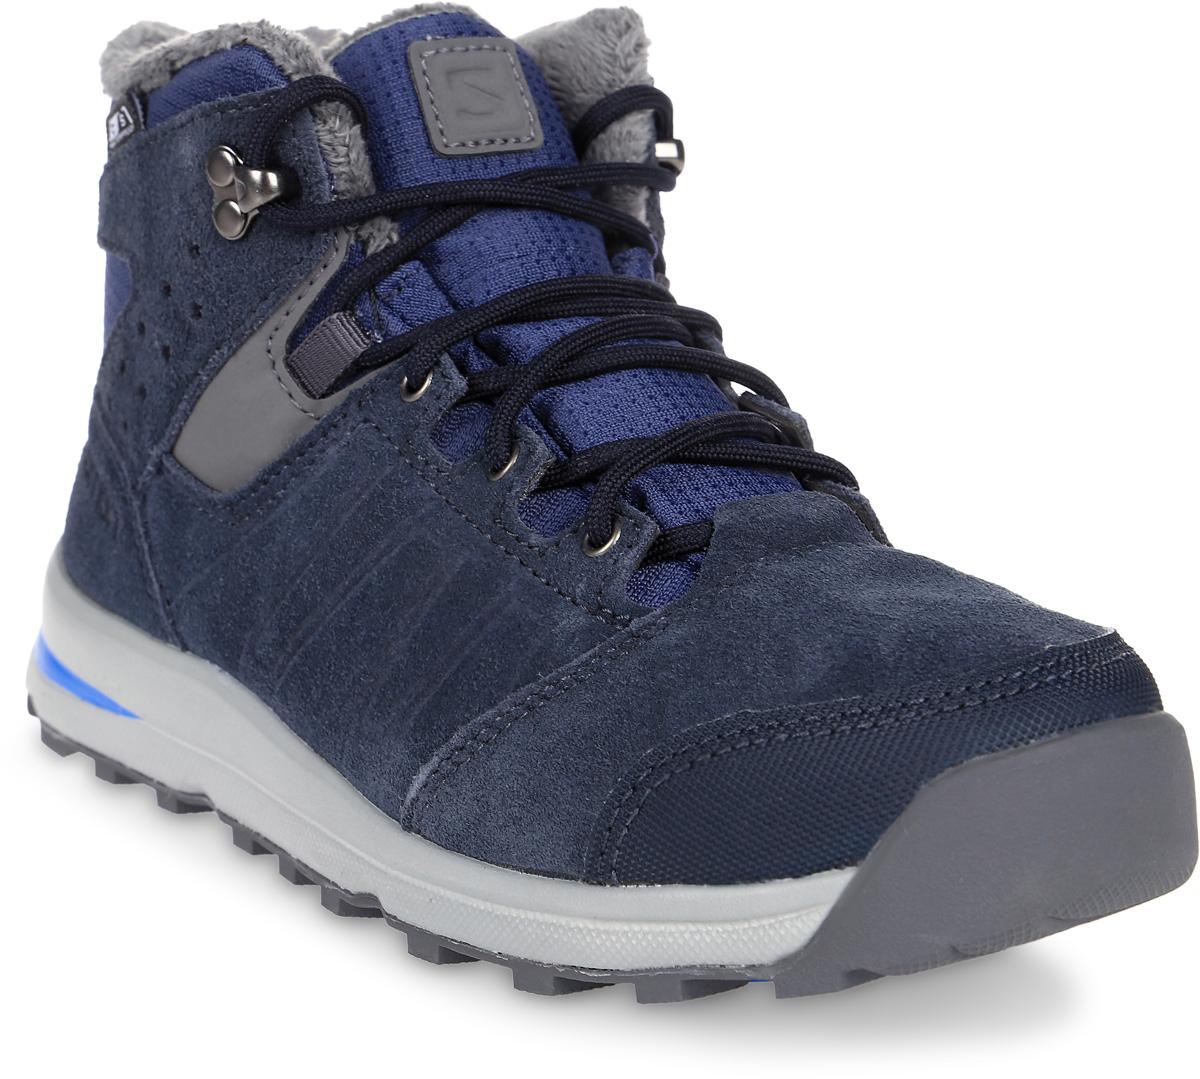 Ботинки для мальчика Salomon Utility TS CSWP J, цвет: синий. L39186900. Размер 32 (30,5)L39186900Утепленные ботинки выполнены из непромокаемого текстиля и натуральной кожи. Классическая шнуровка надежно фиксирует модель на ноге. Мысок усилен вставкой из искусственного материала. Подошва оснащена рифлением для лучшего сцепления с любой поверхностью.